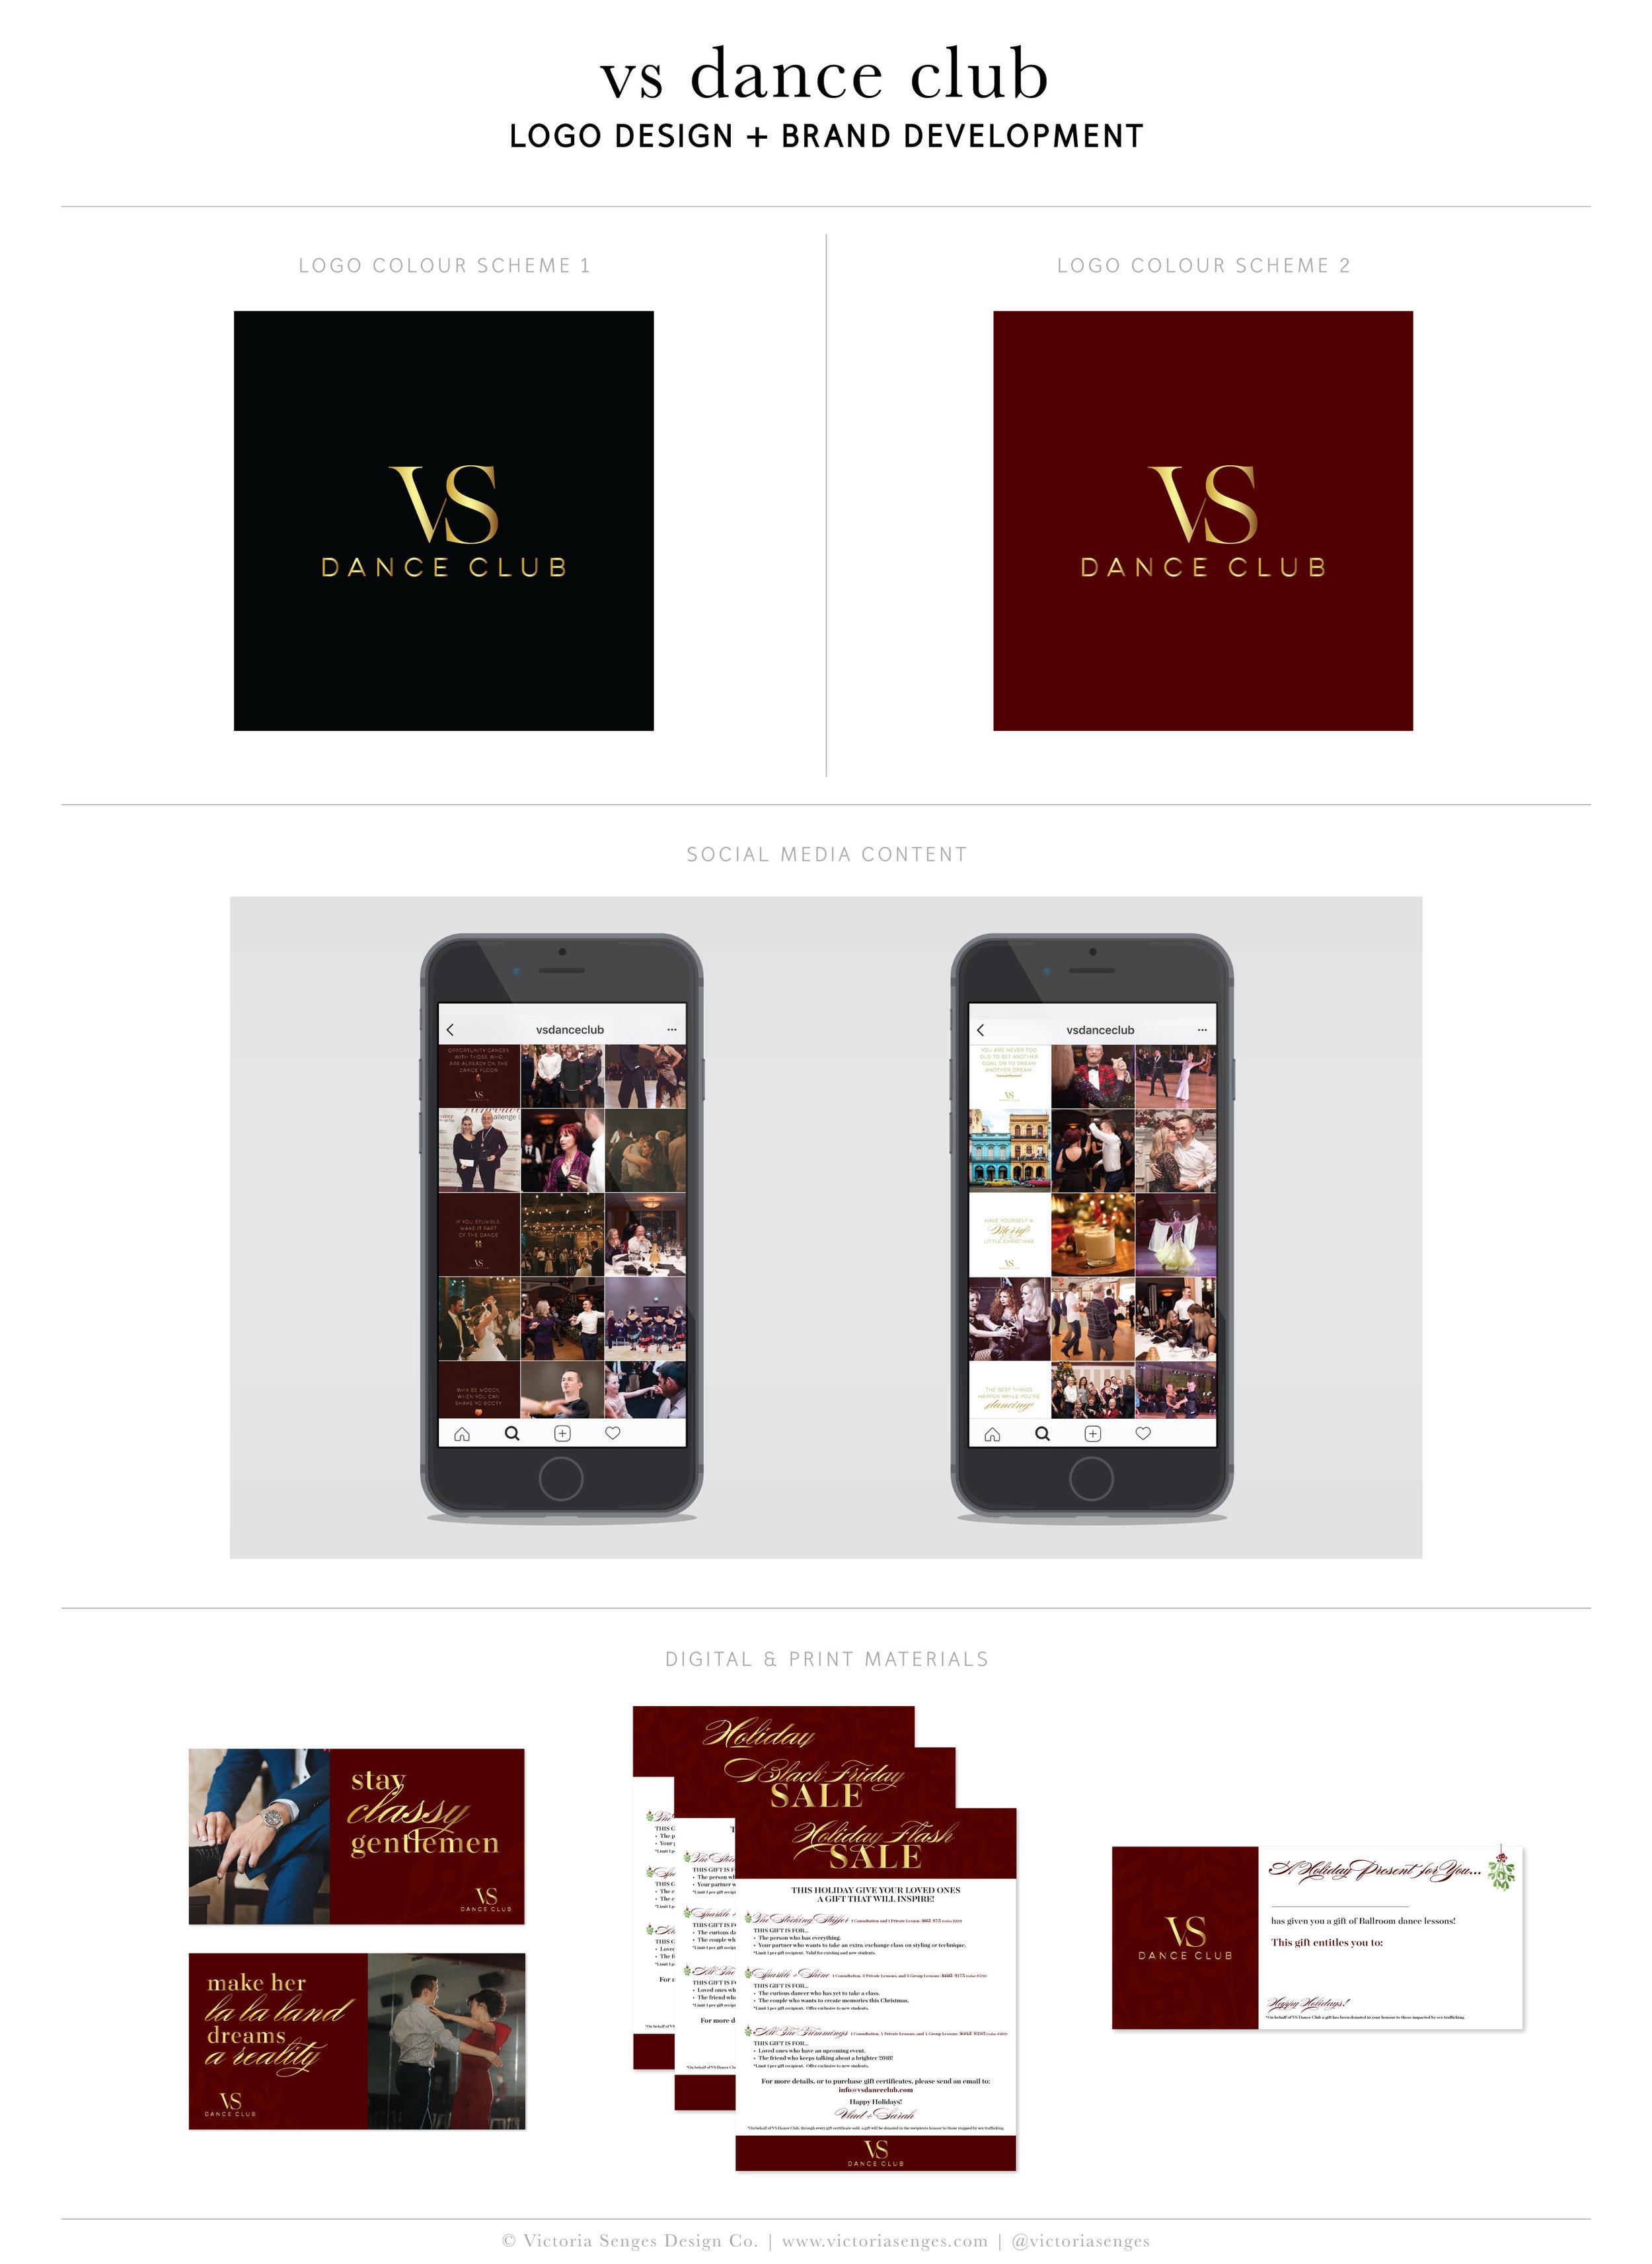 vsdanceclub-branding.jpg